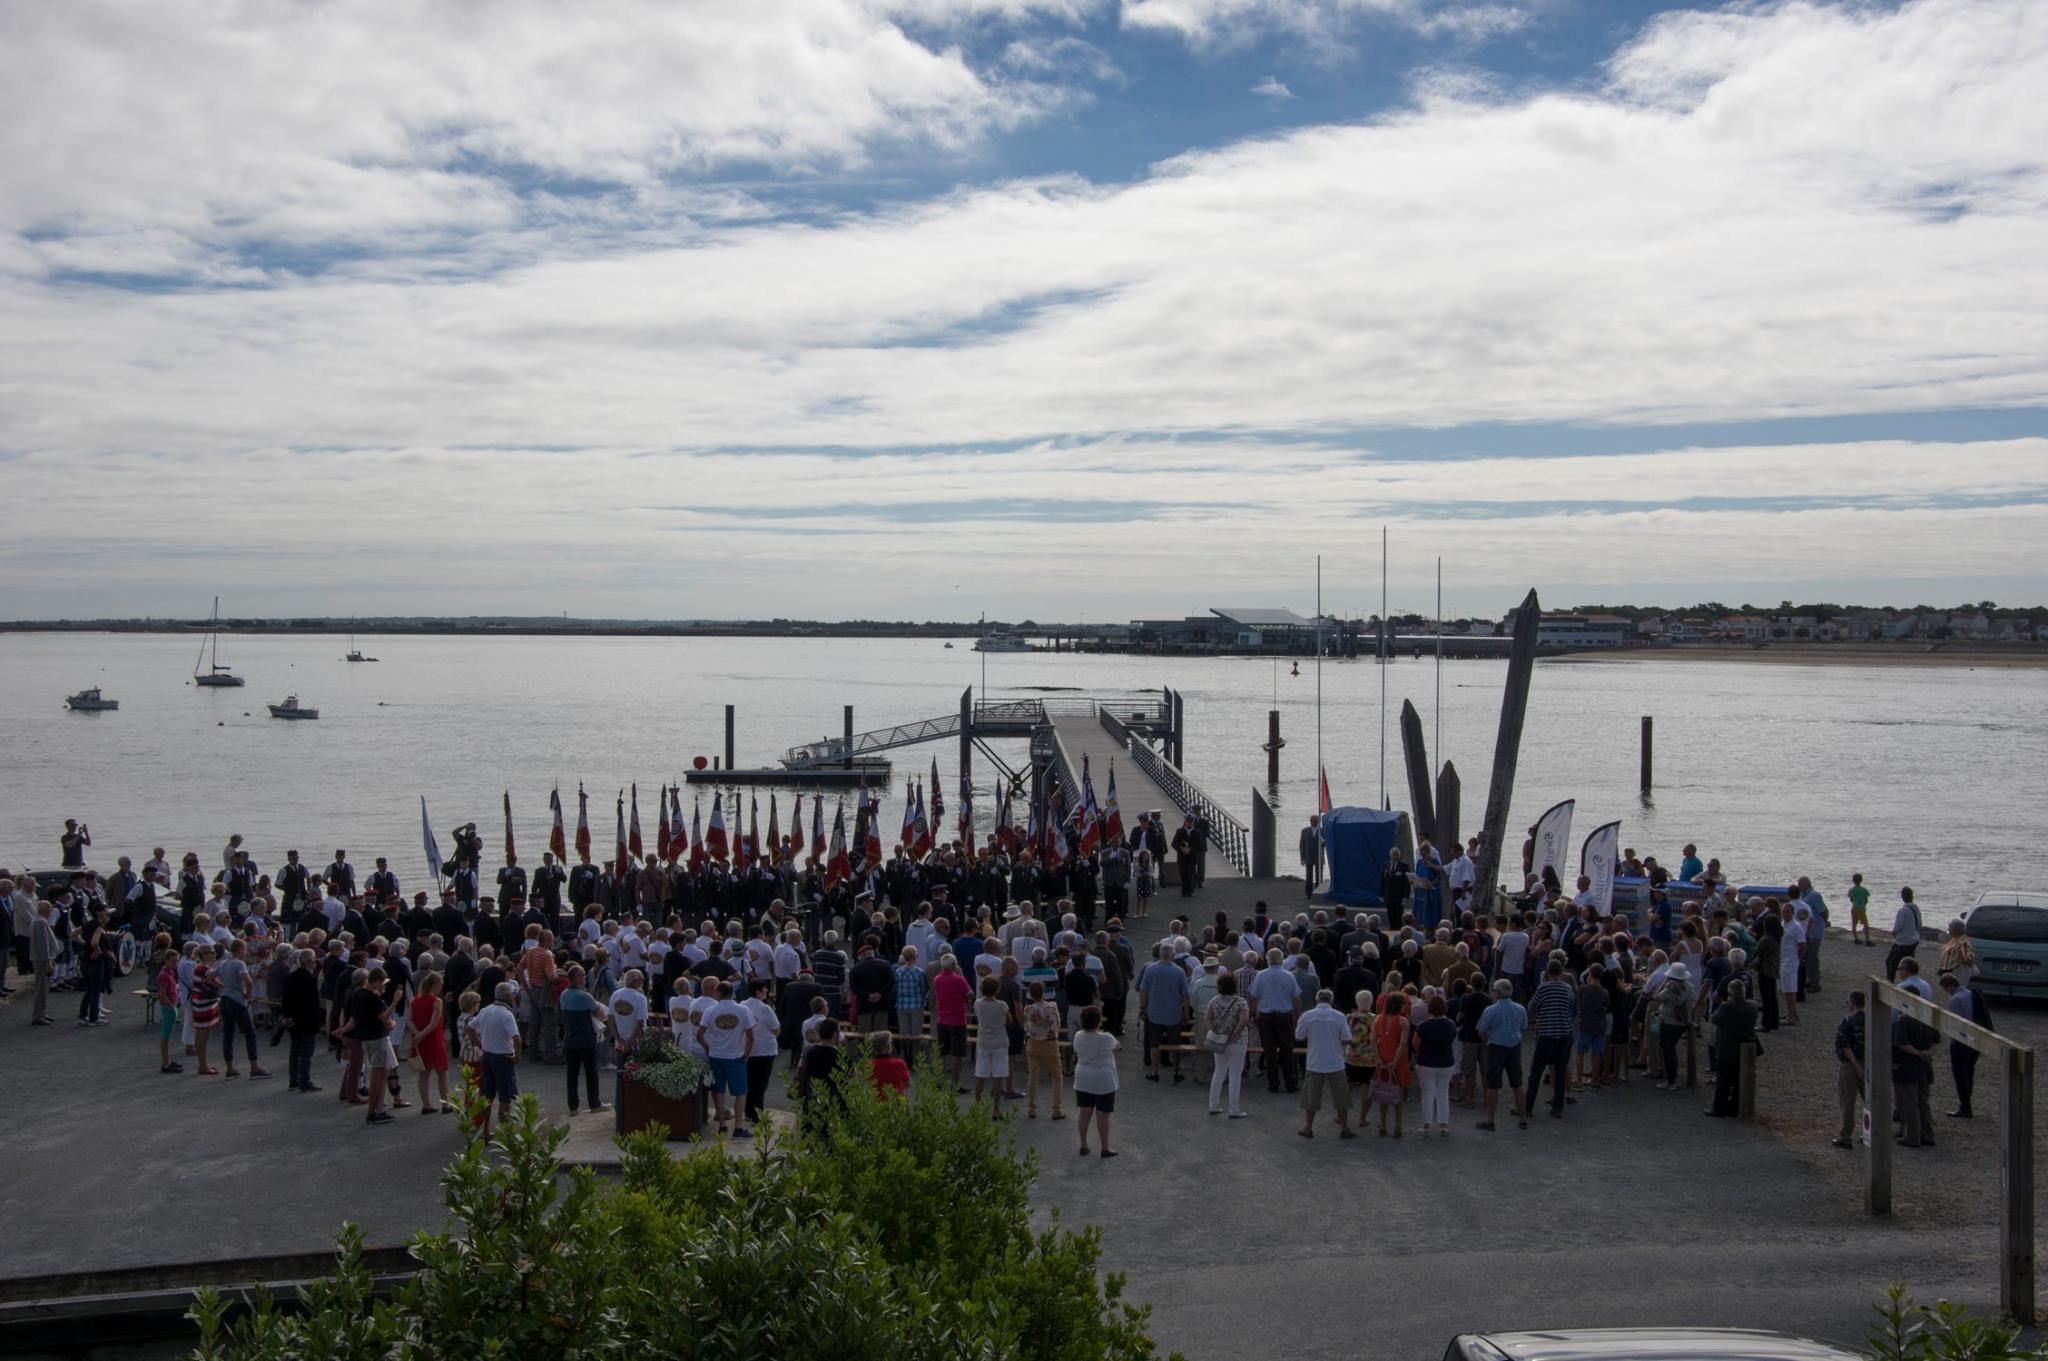 Photo of the commemorative ceremony on August 6, 2016, in Barbâtre, Île de Noirmoutier, France.